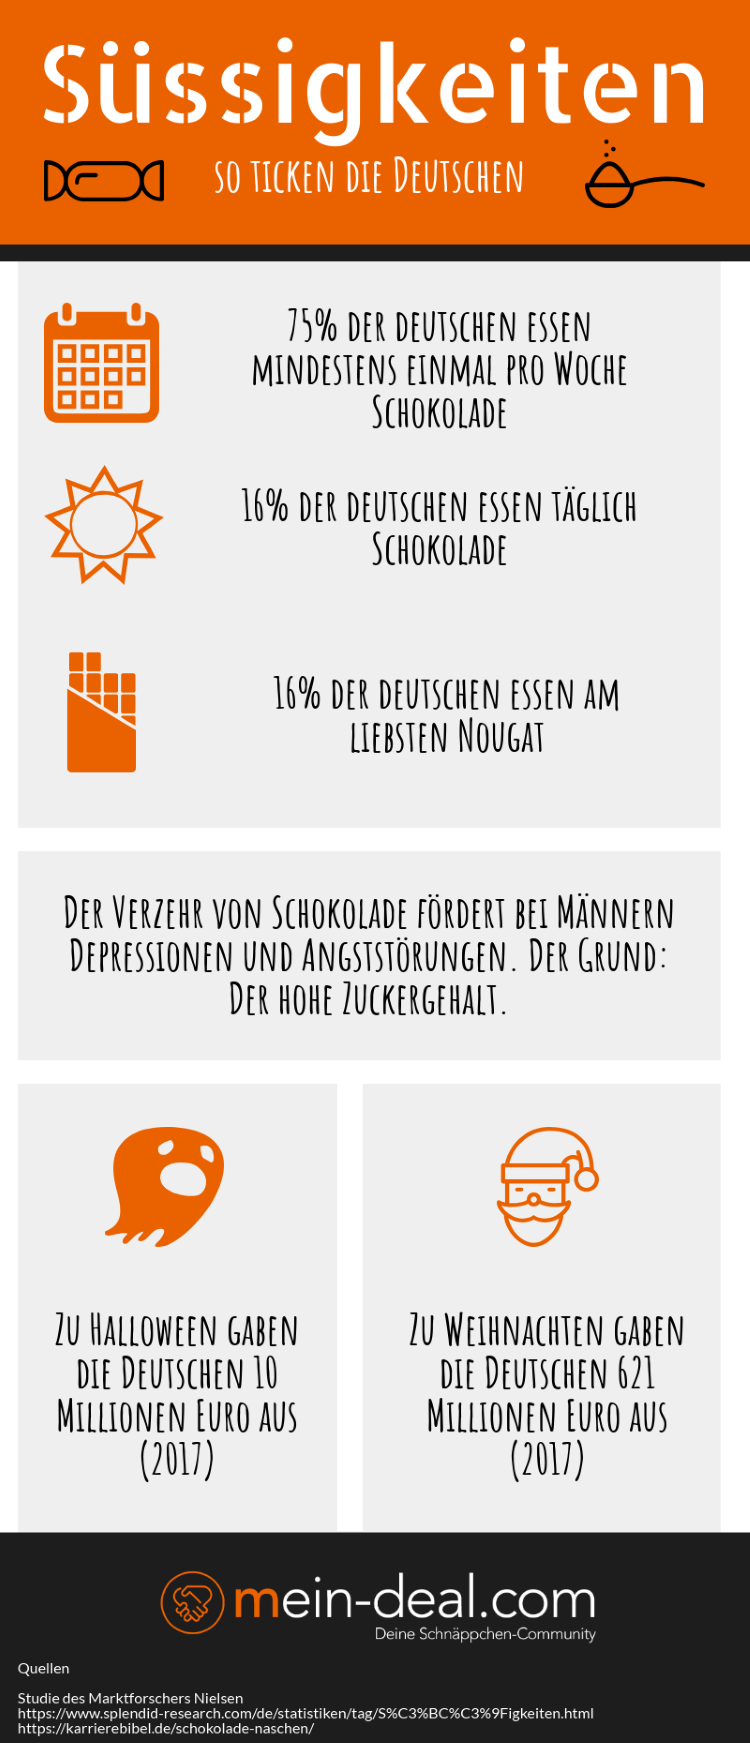 Infografik zum Verzehr von Schokolade deutscher Bürger.